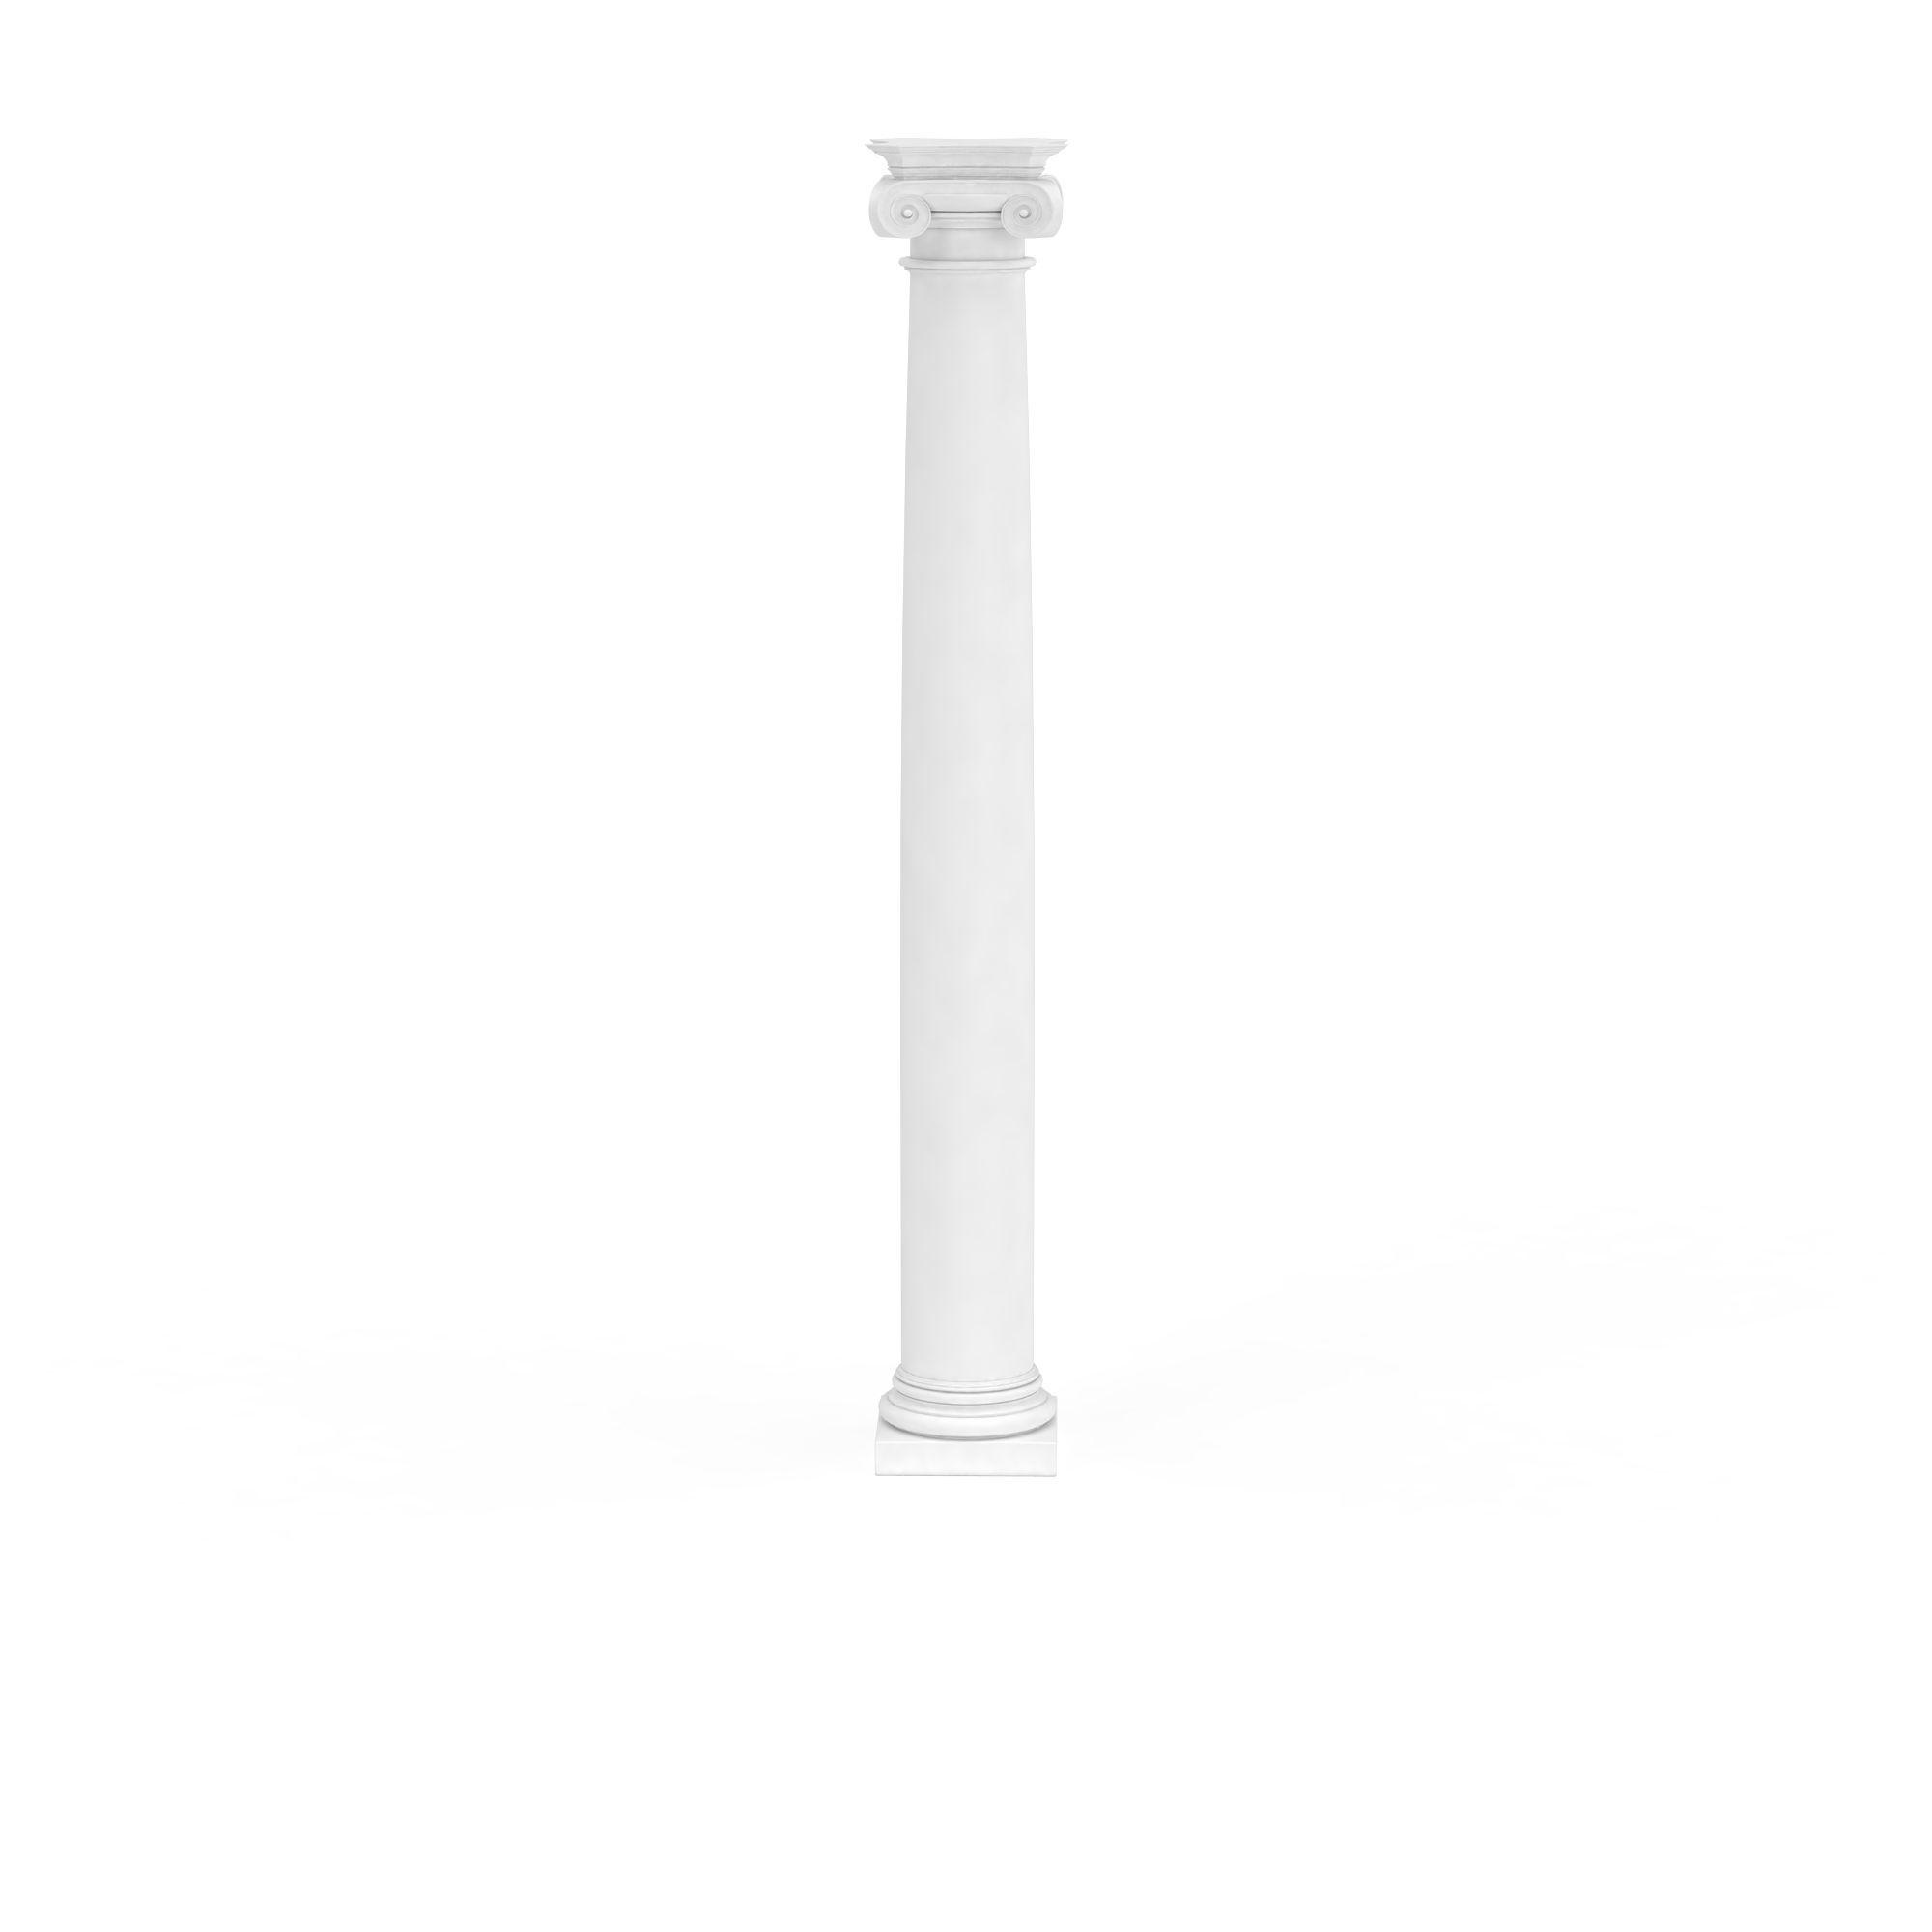 欧式柱子图片_欧式柱子png图片素材_欧式柱子png高清